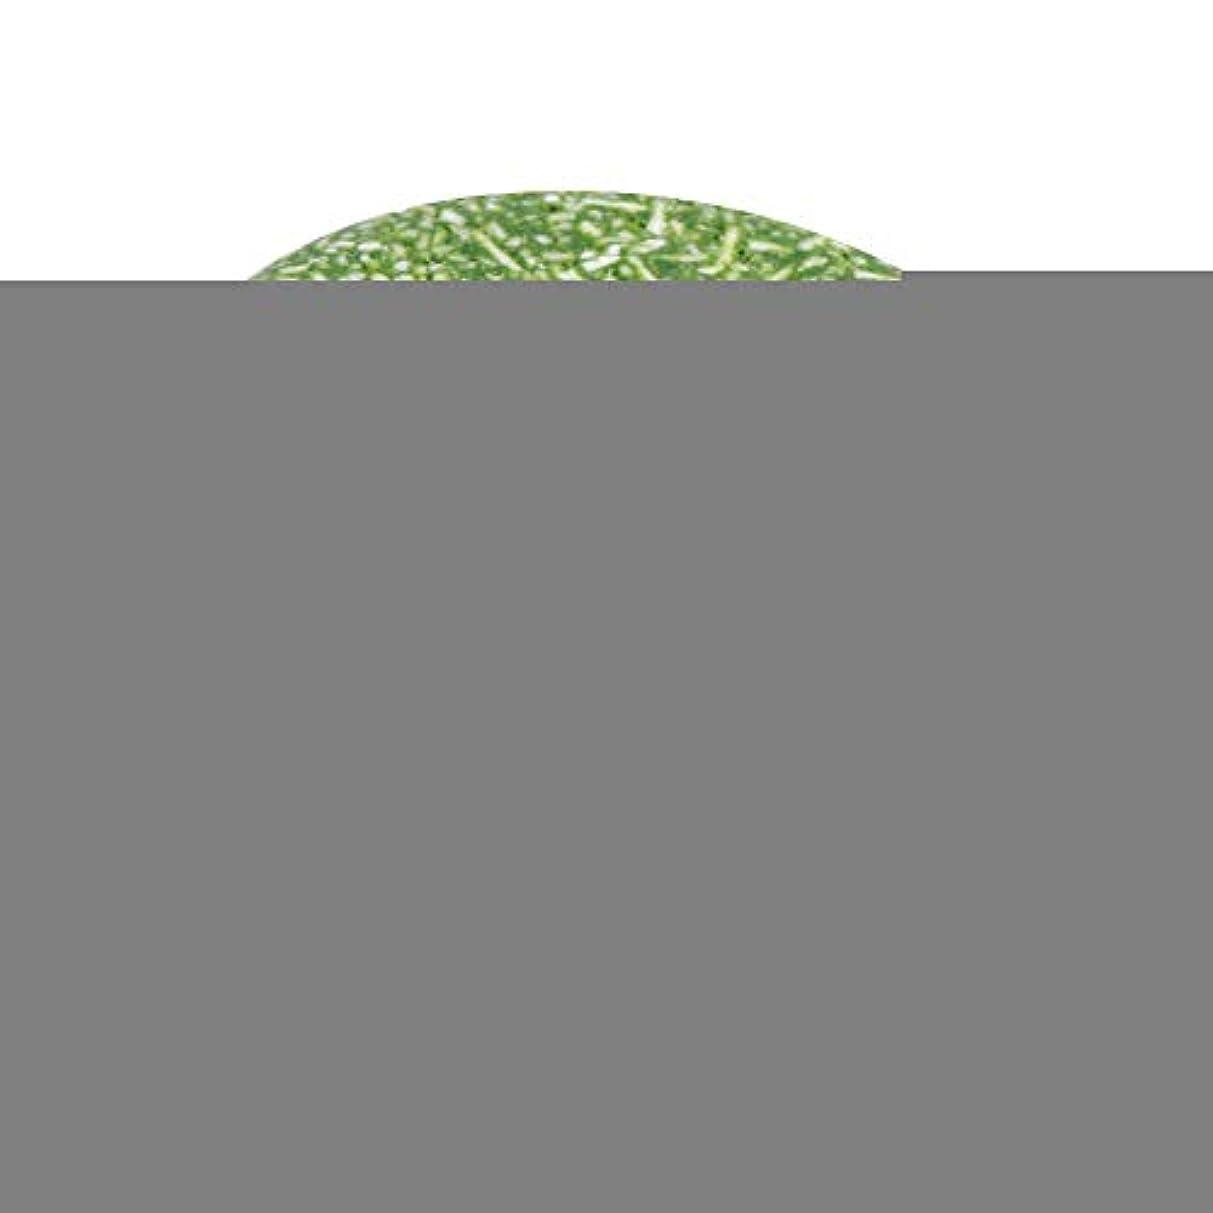 不運モール発音する4色オーガニック手作りコールド加工シナモンシャンプーバー100%ピュアヘアシャンプー(緑)